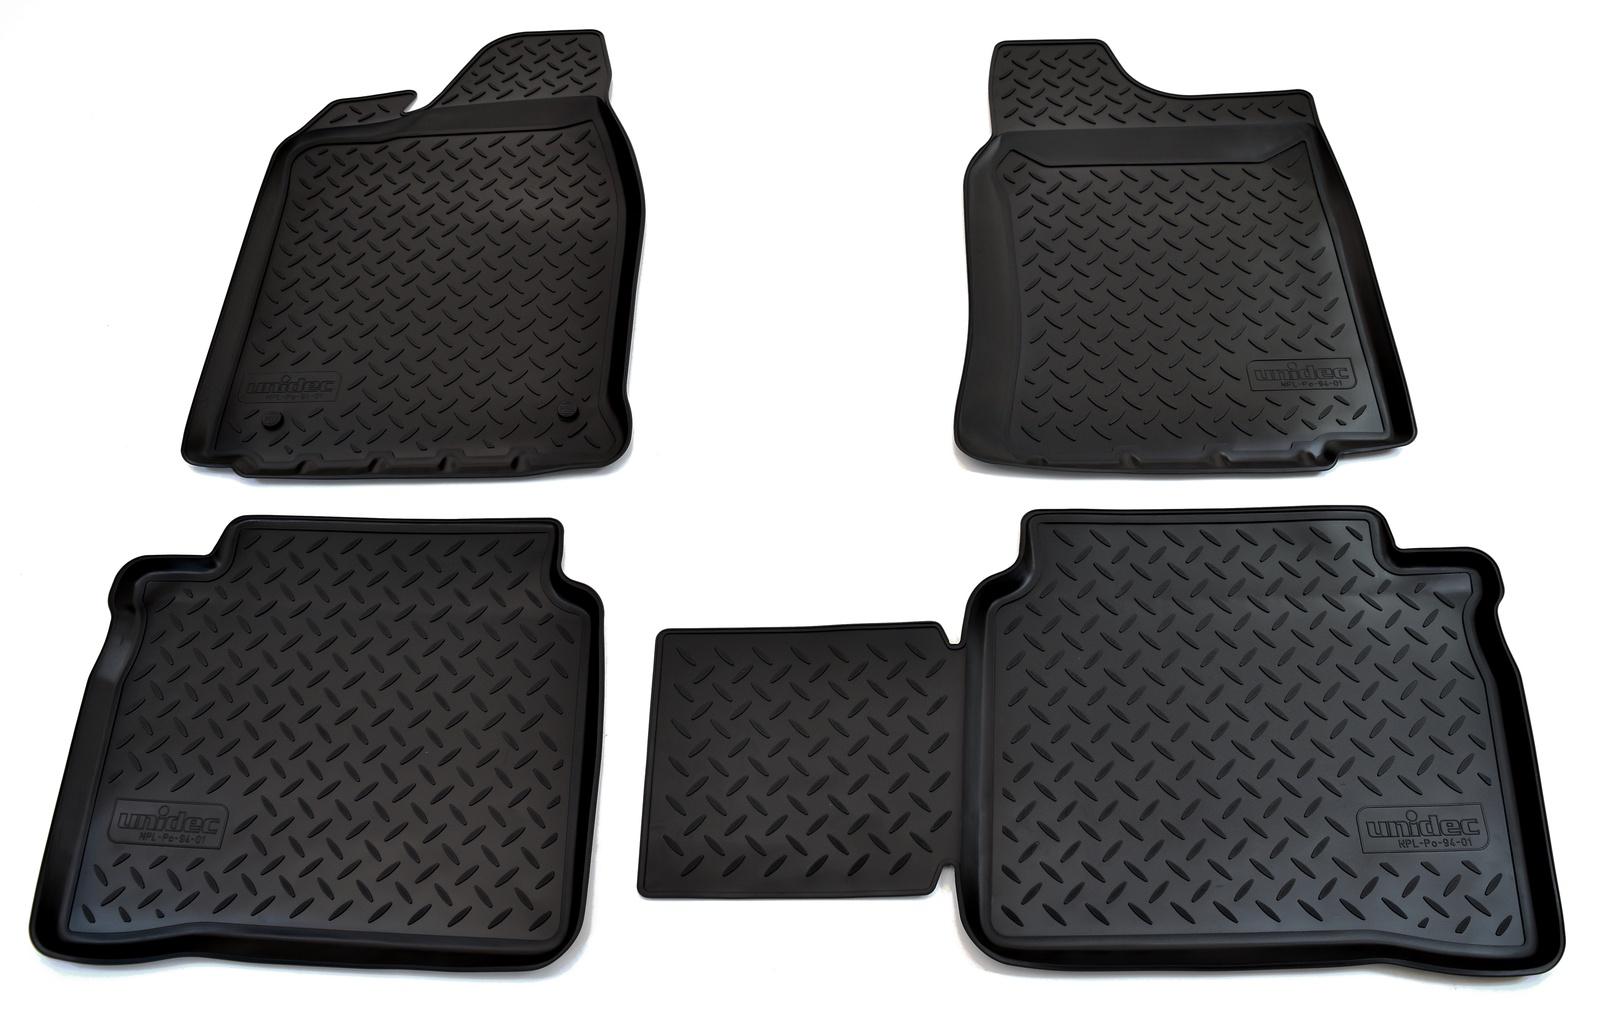 цена на Коврики салона Norplast для VAZ 2101-2107, NPL-Po-94-01, черный